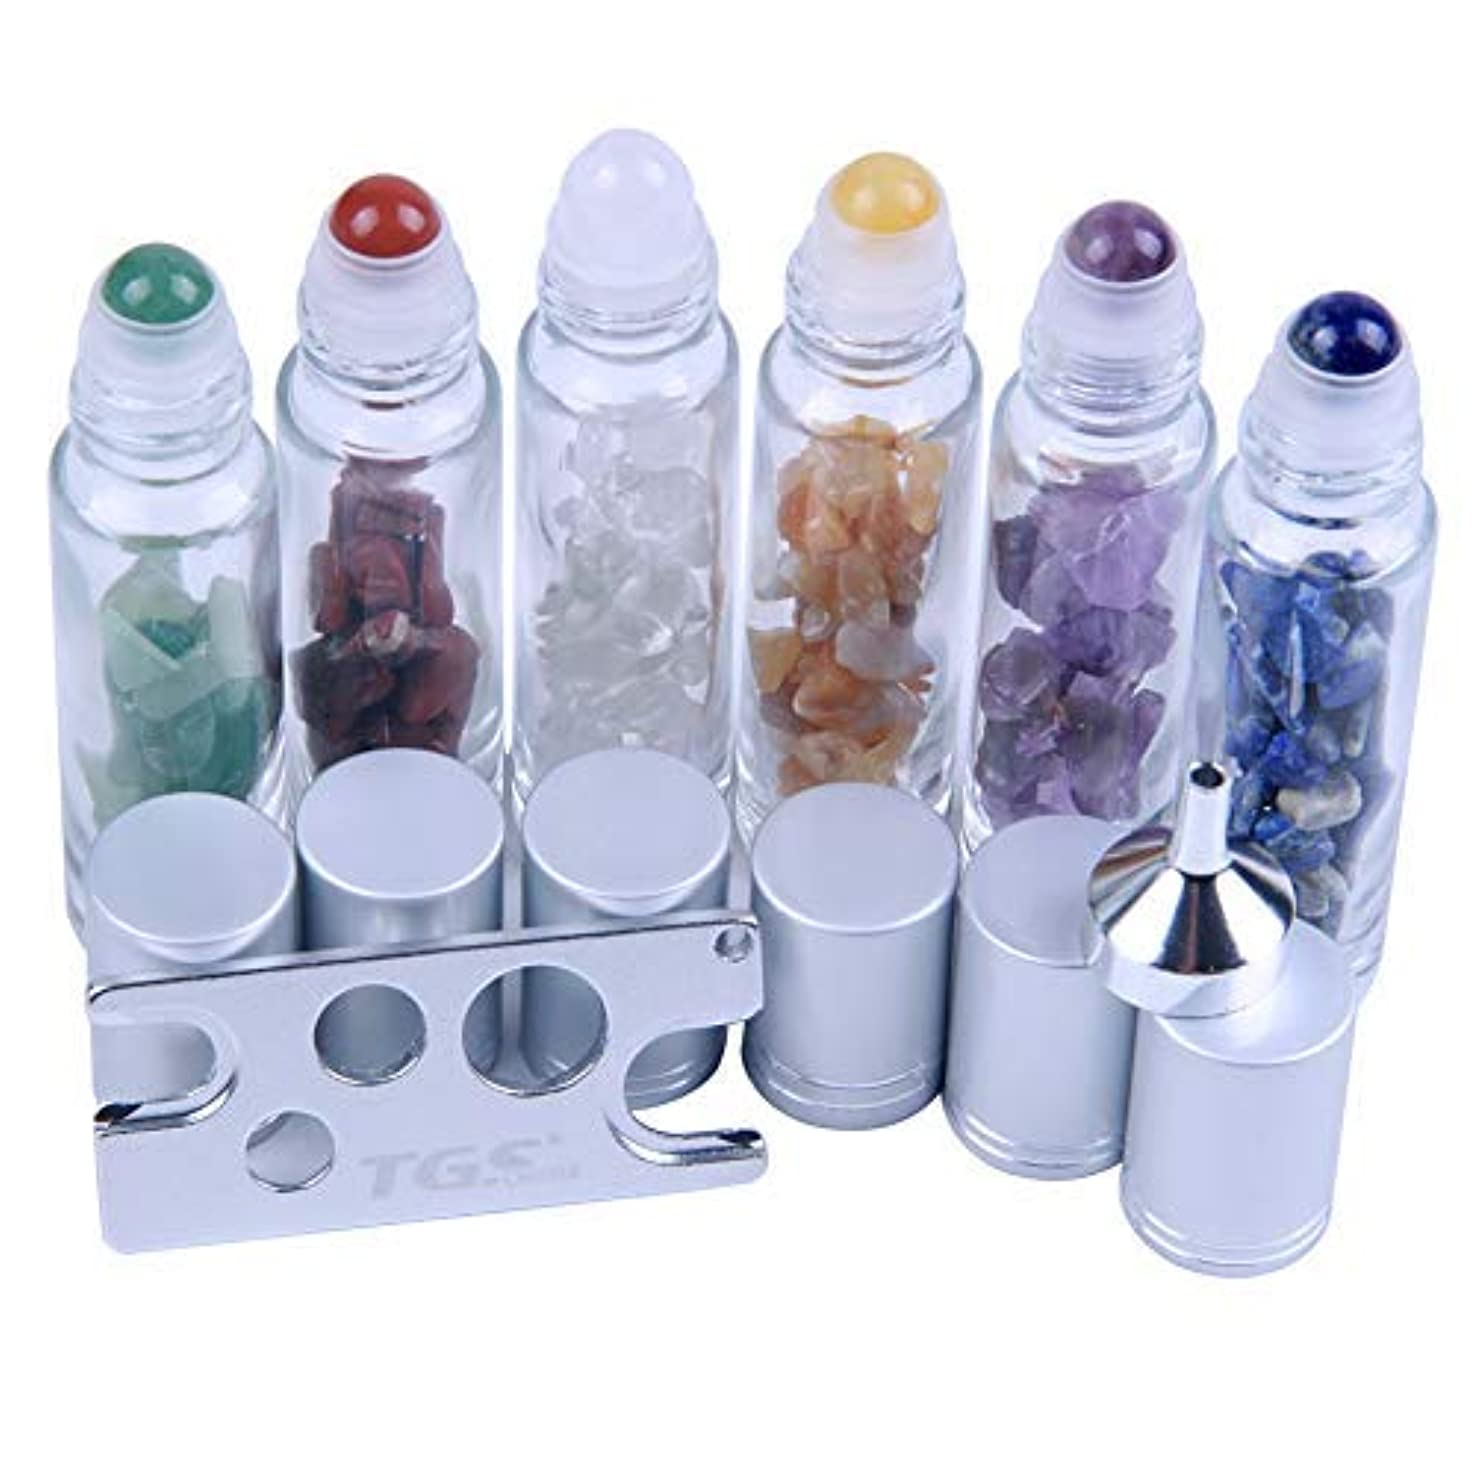 微妙シーンブランデー10 ml Roller Balls for Essential Oils - Small Glass Roller Bottles with Decorative Tops & Mini Tumbled Gemstone Chips Inside, 6 pcs [並行輸入品]